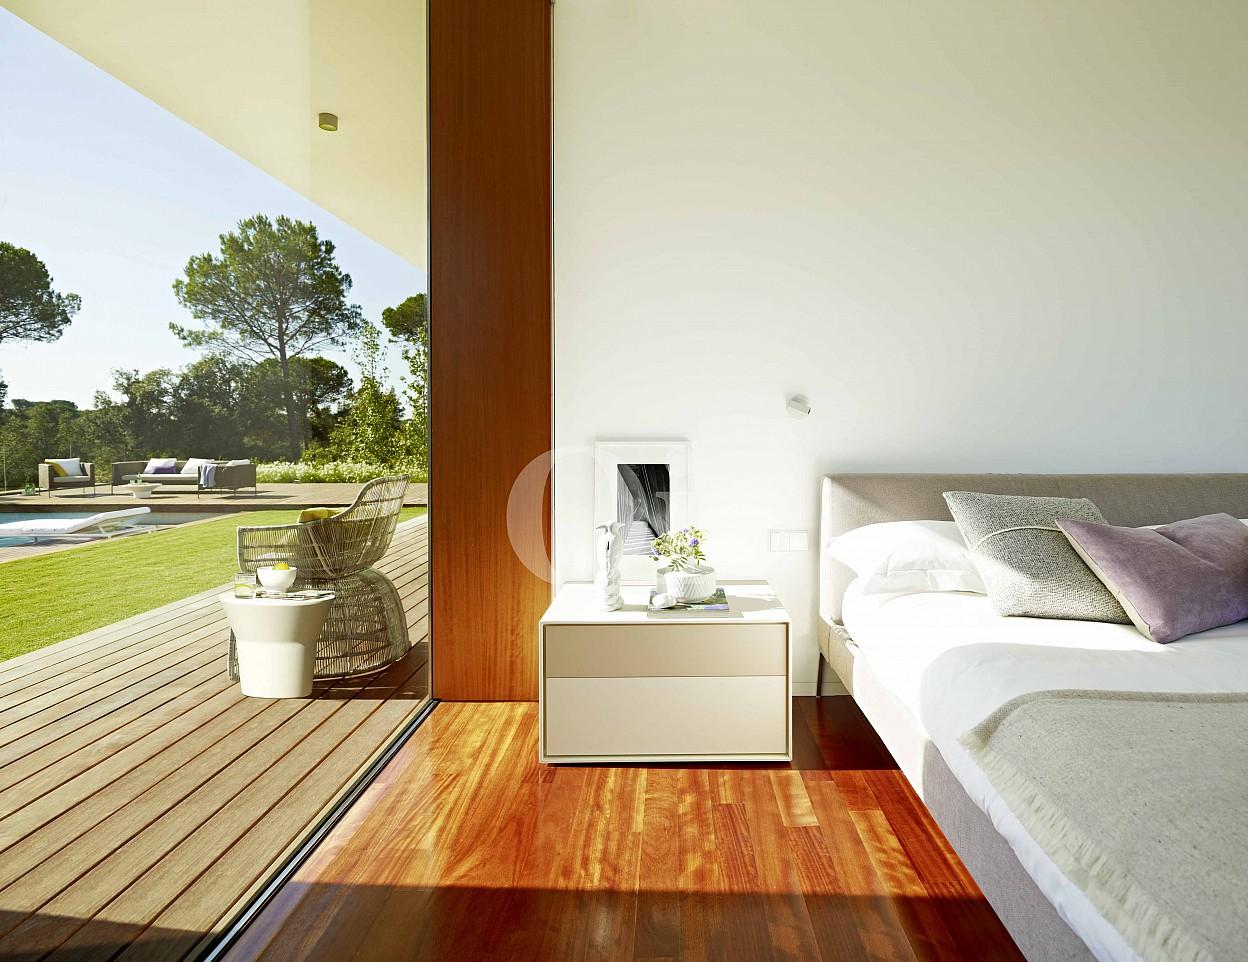 Schlafzimmer mit Zugang zum Garten